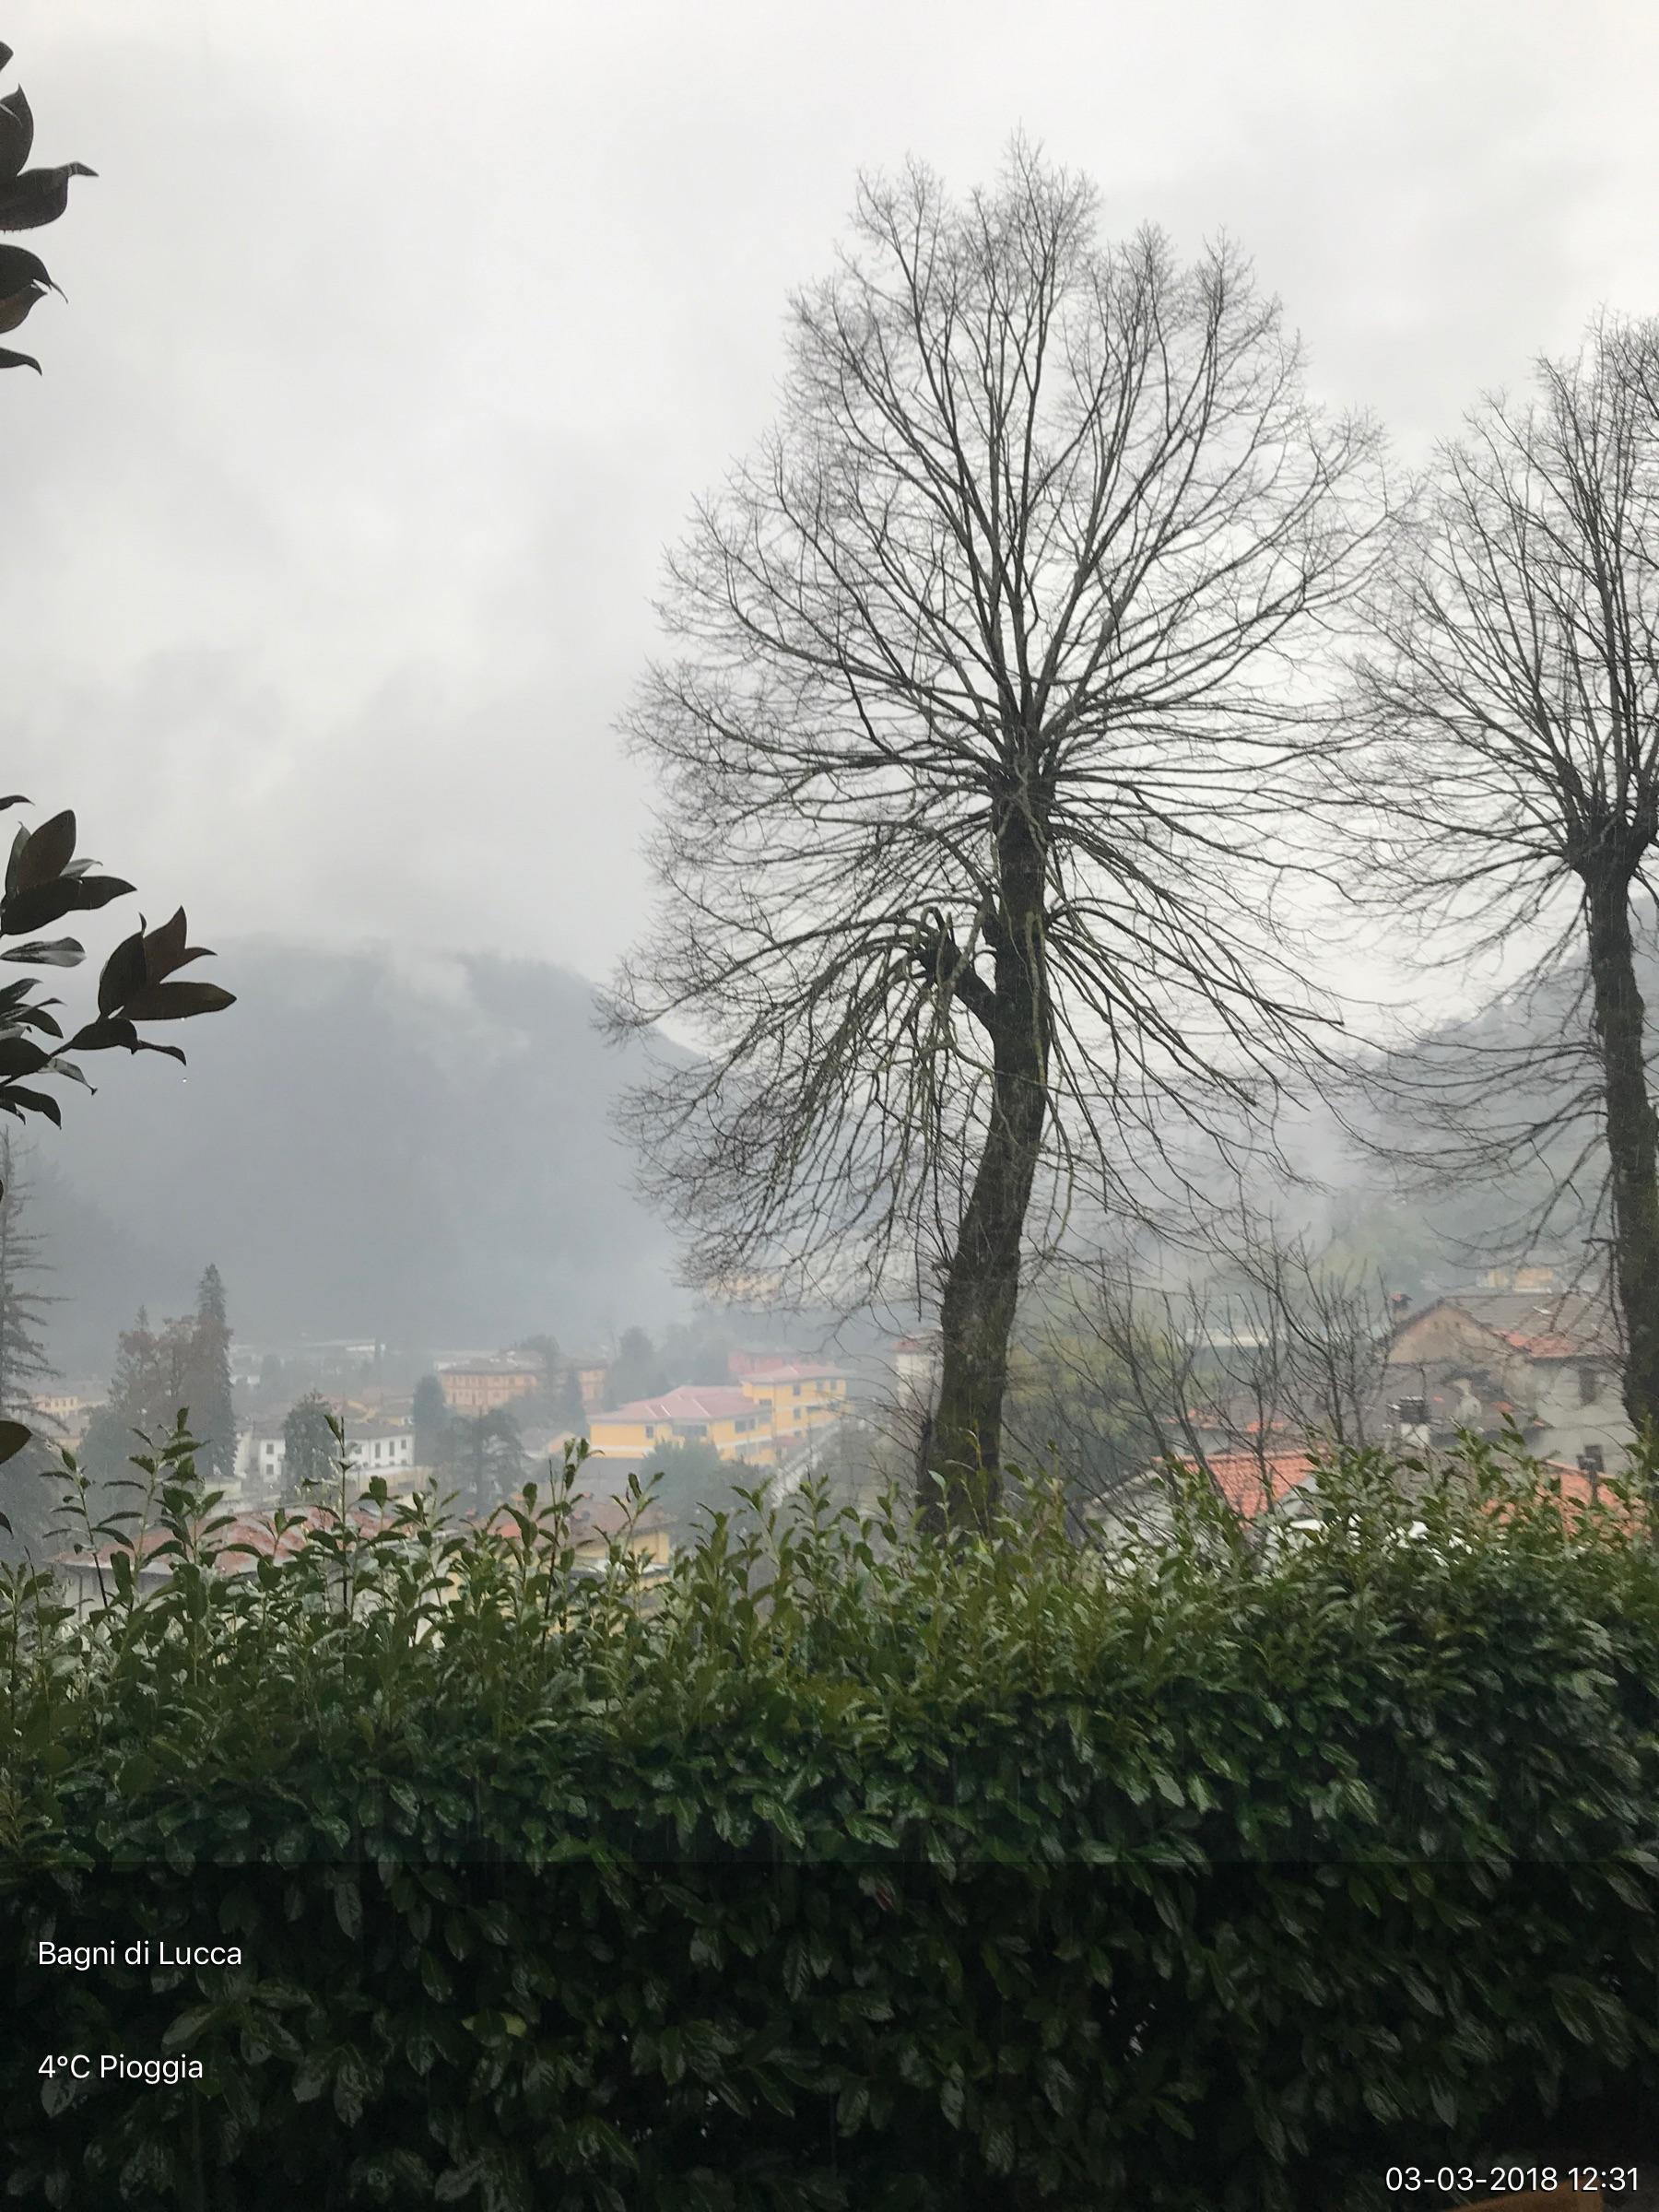 Foto meteo - Bagni di Lucca - Bagni di Lucca ore 12:31 » ILMETEO.it